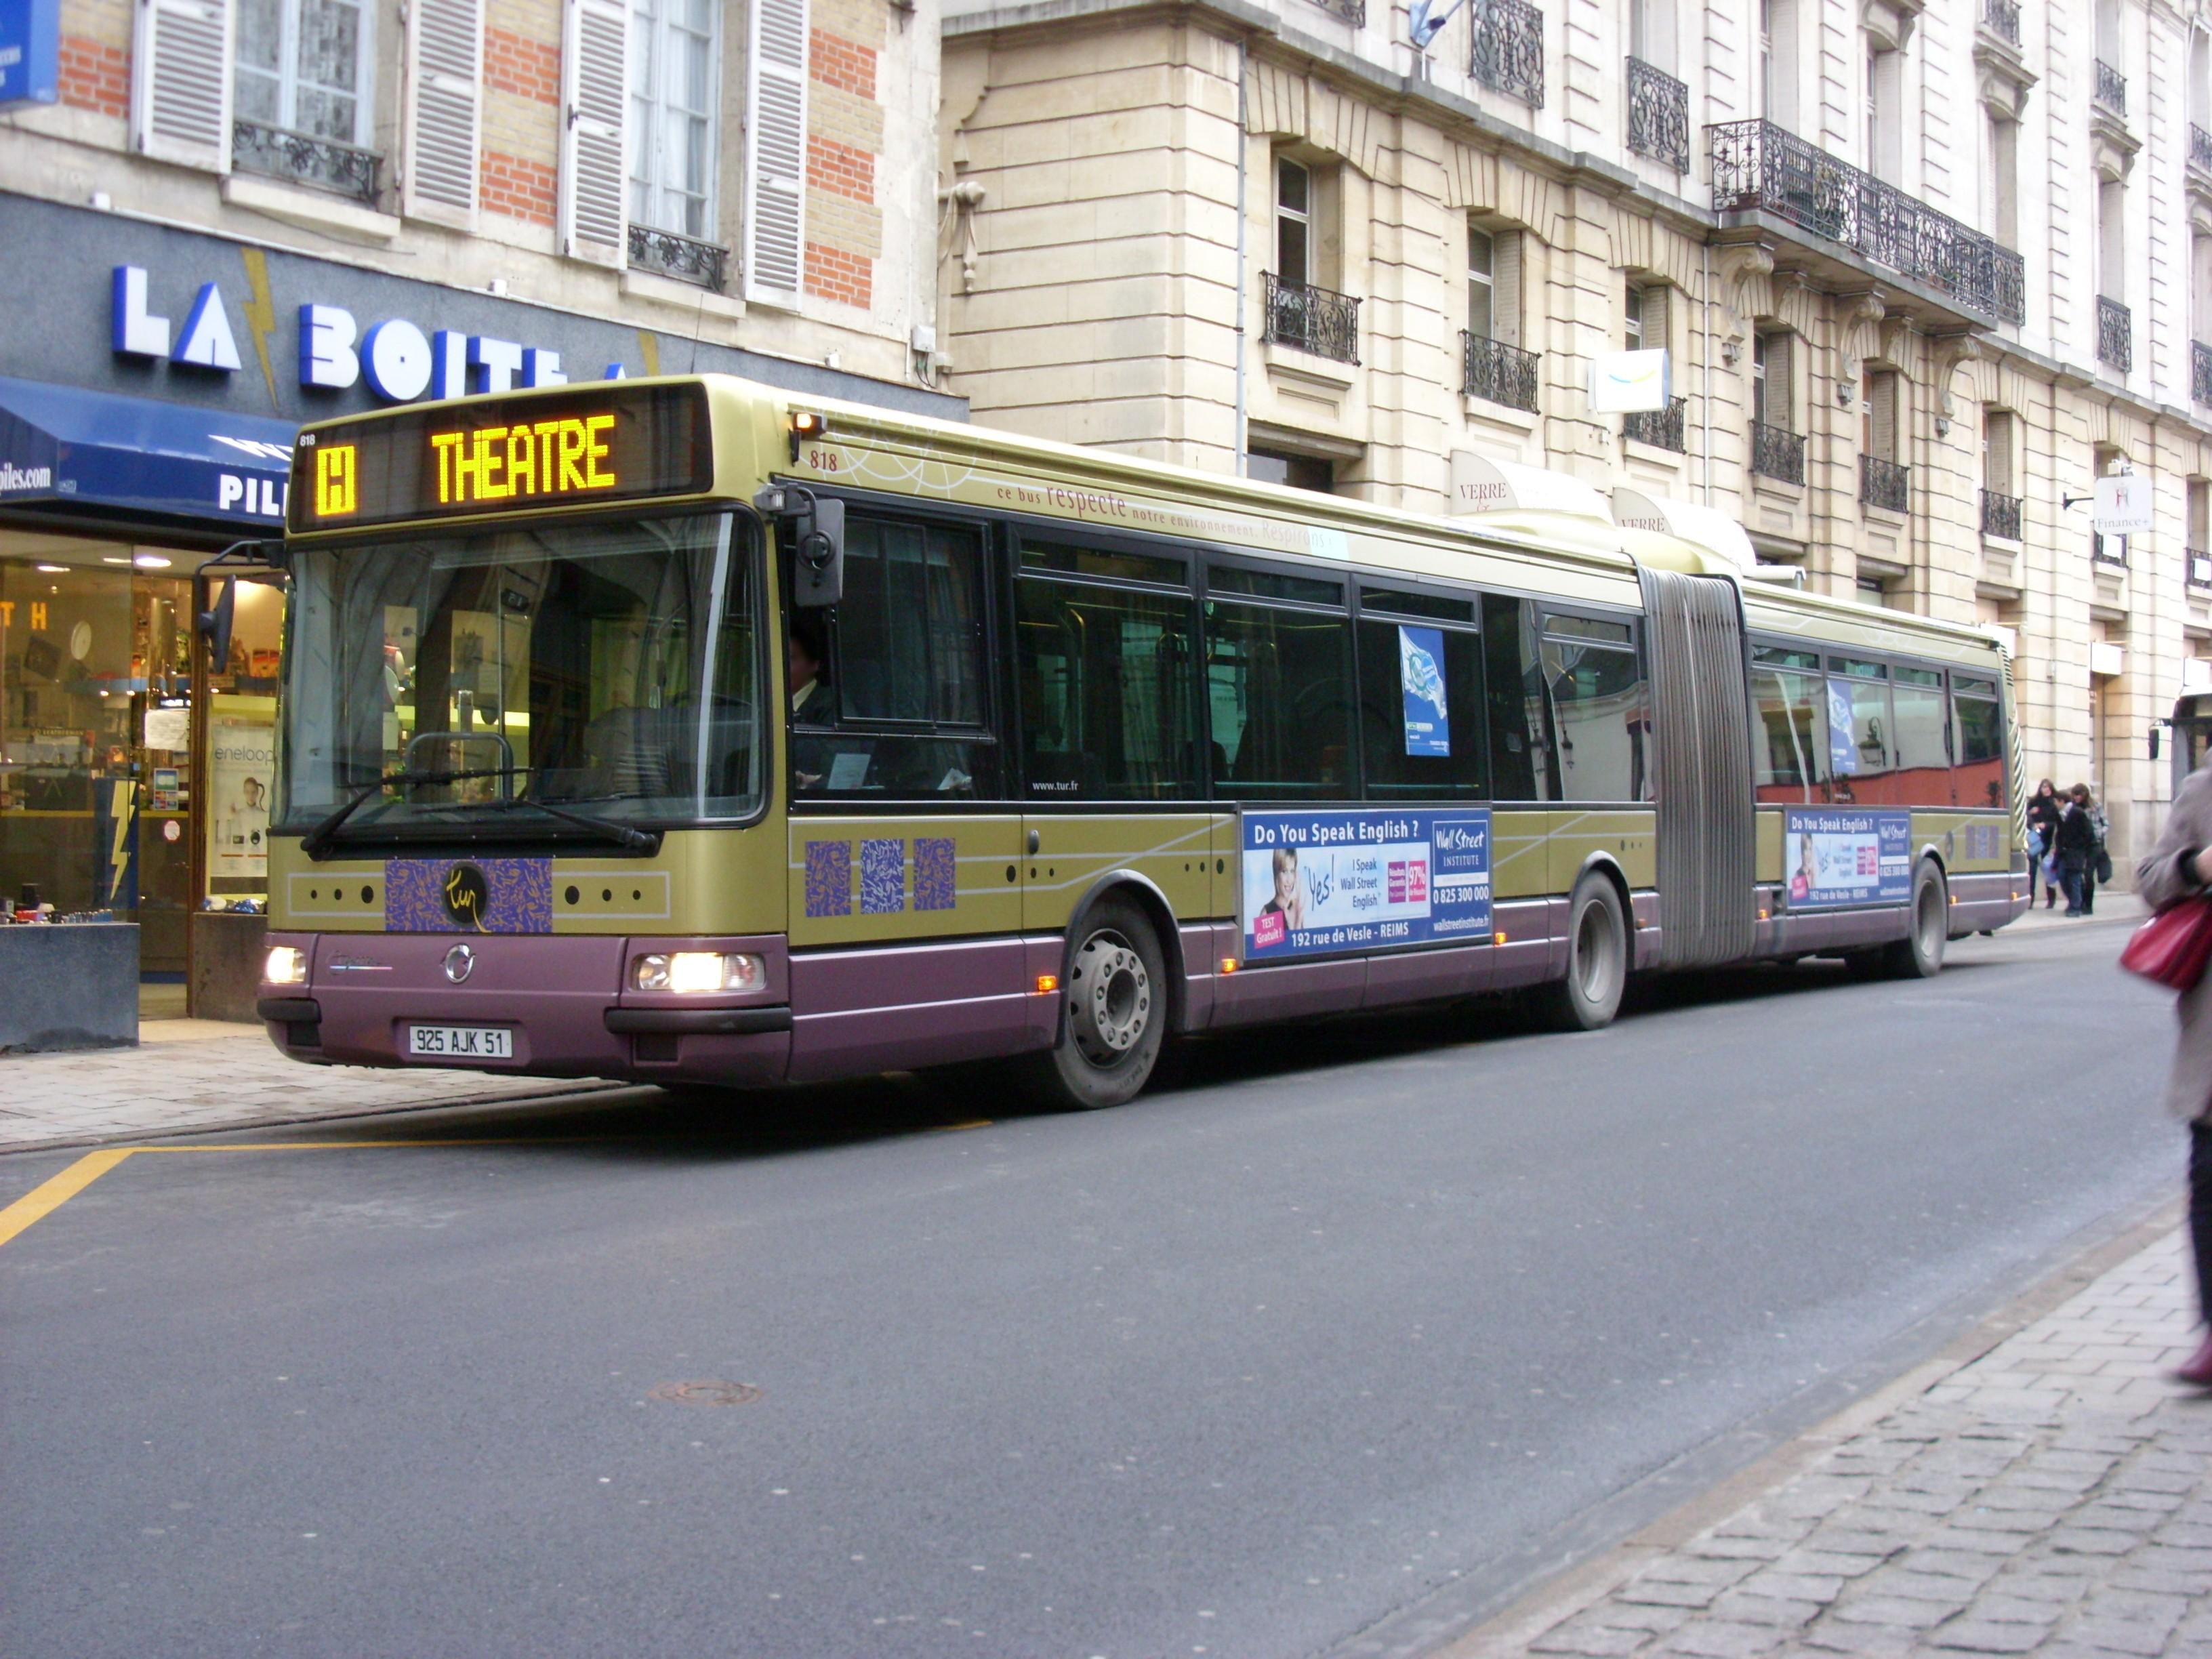 Tur - irisbus agora l n°818 - ligne h photo